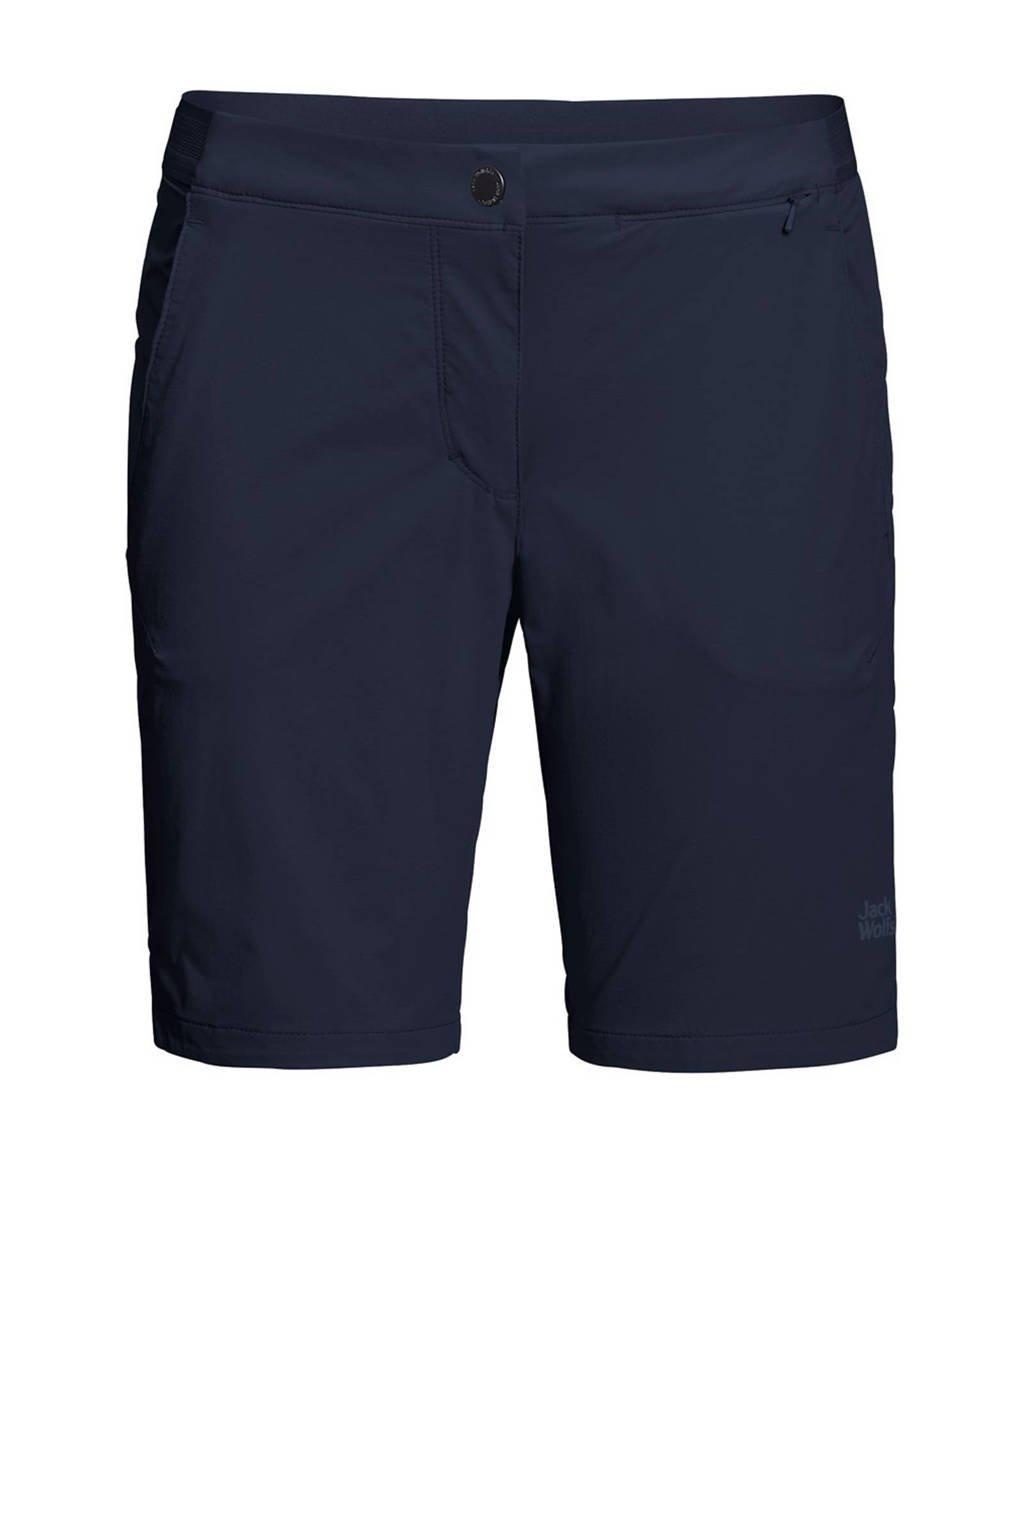 Jack Wolfskin korte outdoor broek donkerblauw, Midnight-Blue